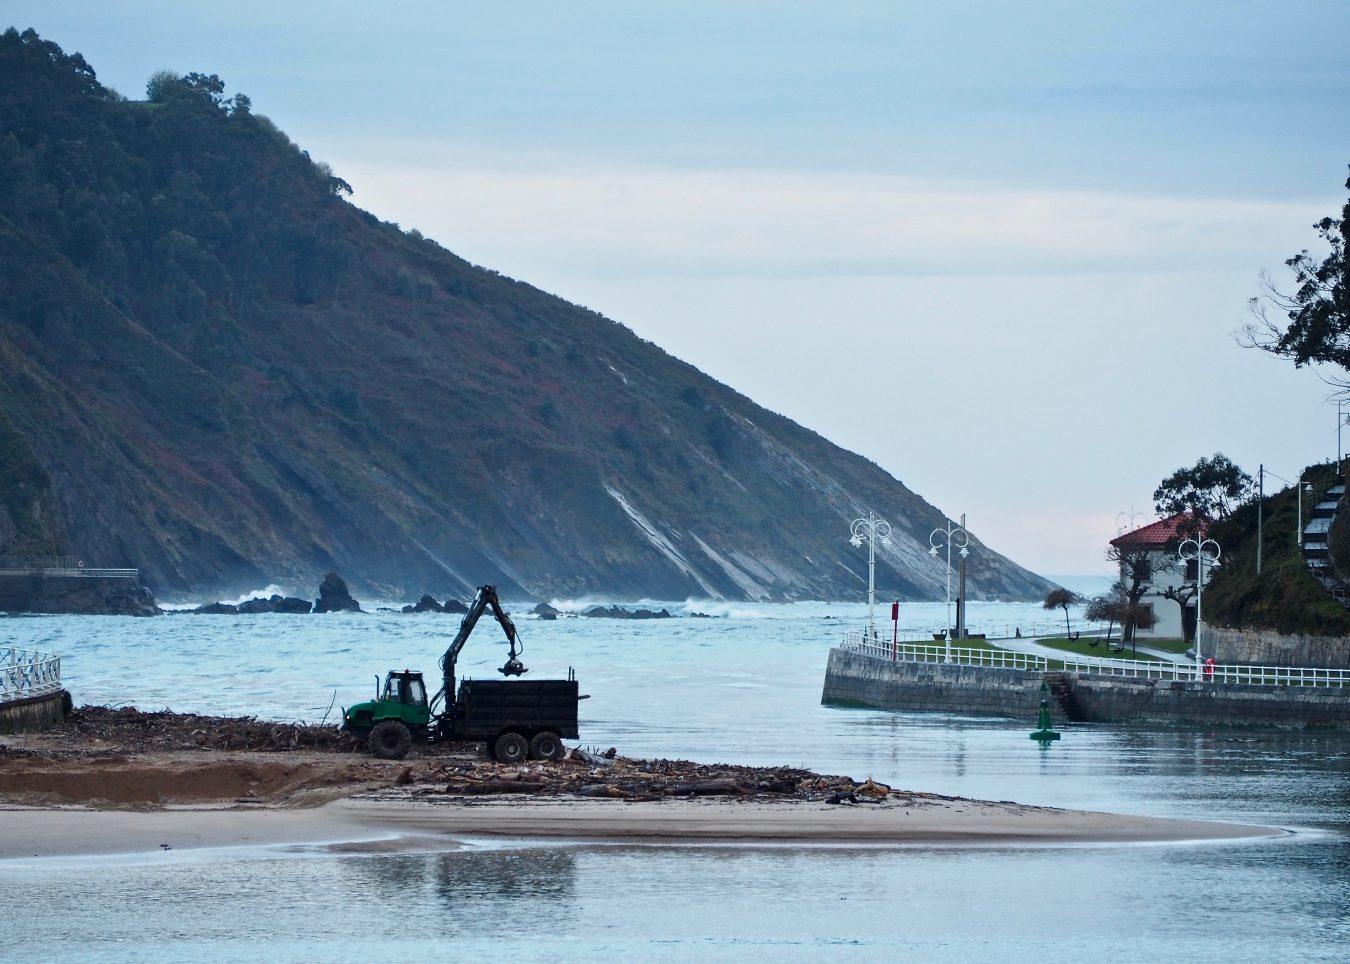 La alcaldesa de Ribadesella pide una solución justa a la limpieza de las playas